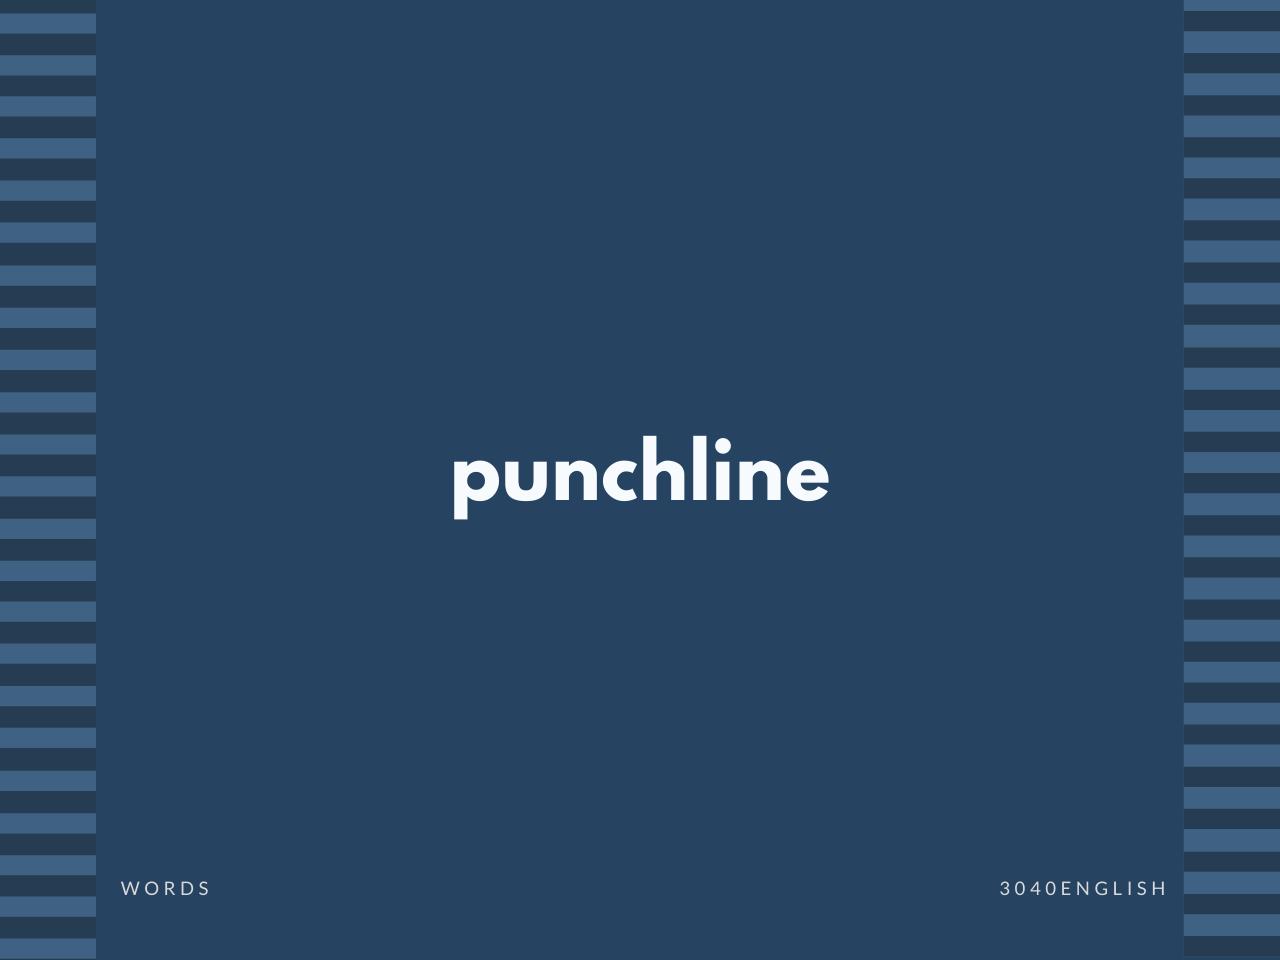 【パンチライン】punch line, punchline の意味と簡単な使い方【英語表現・例文あり】